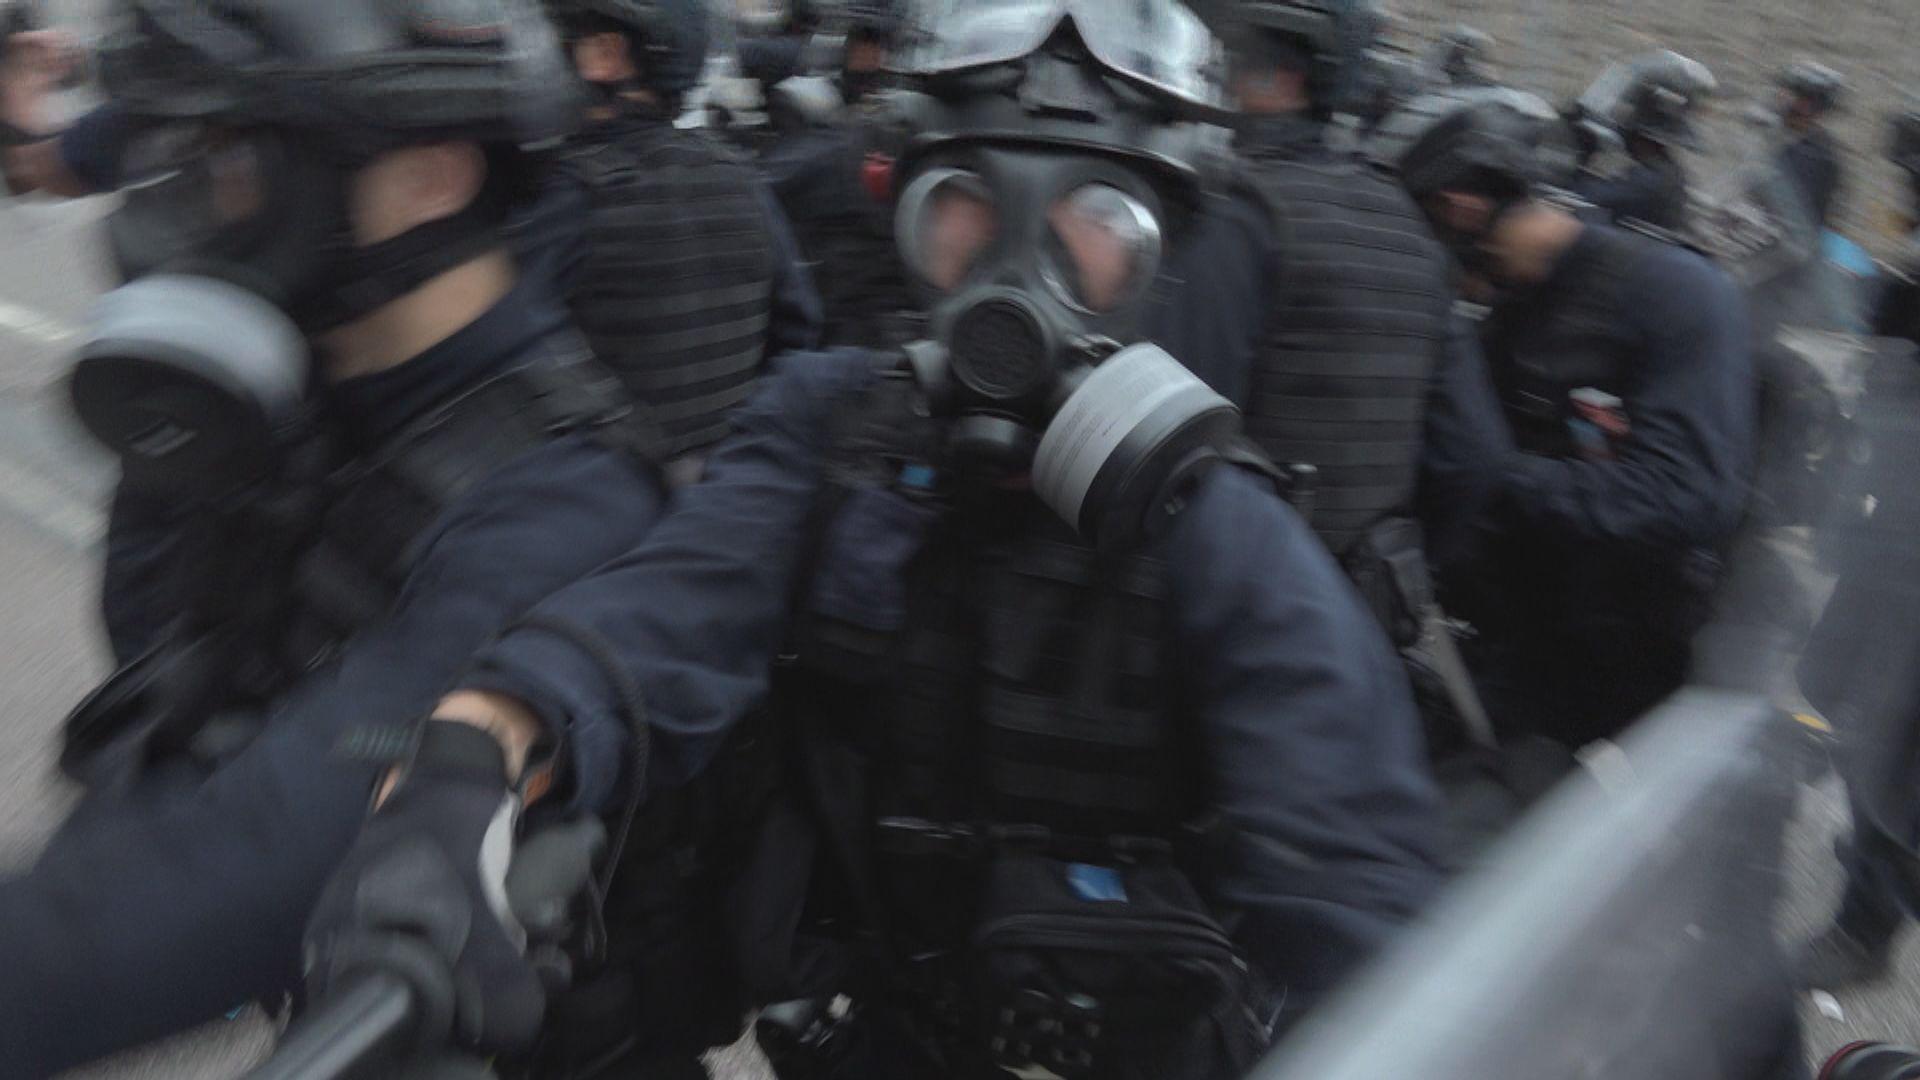 張華峰:要確保警員執法無後顧之憂 展示委任證不公平